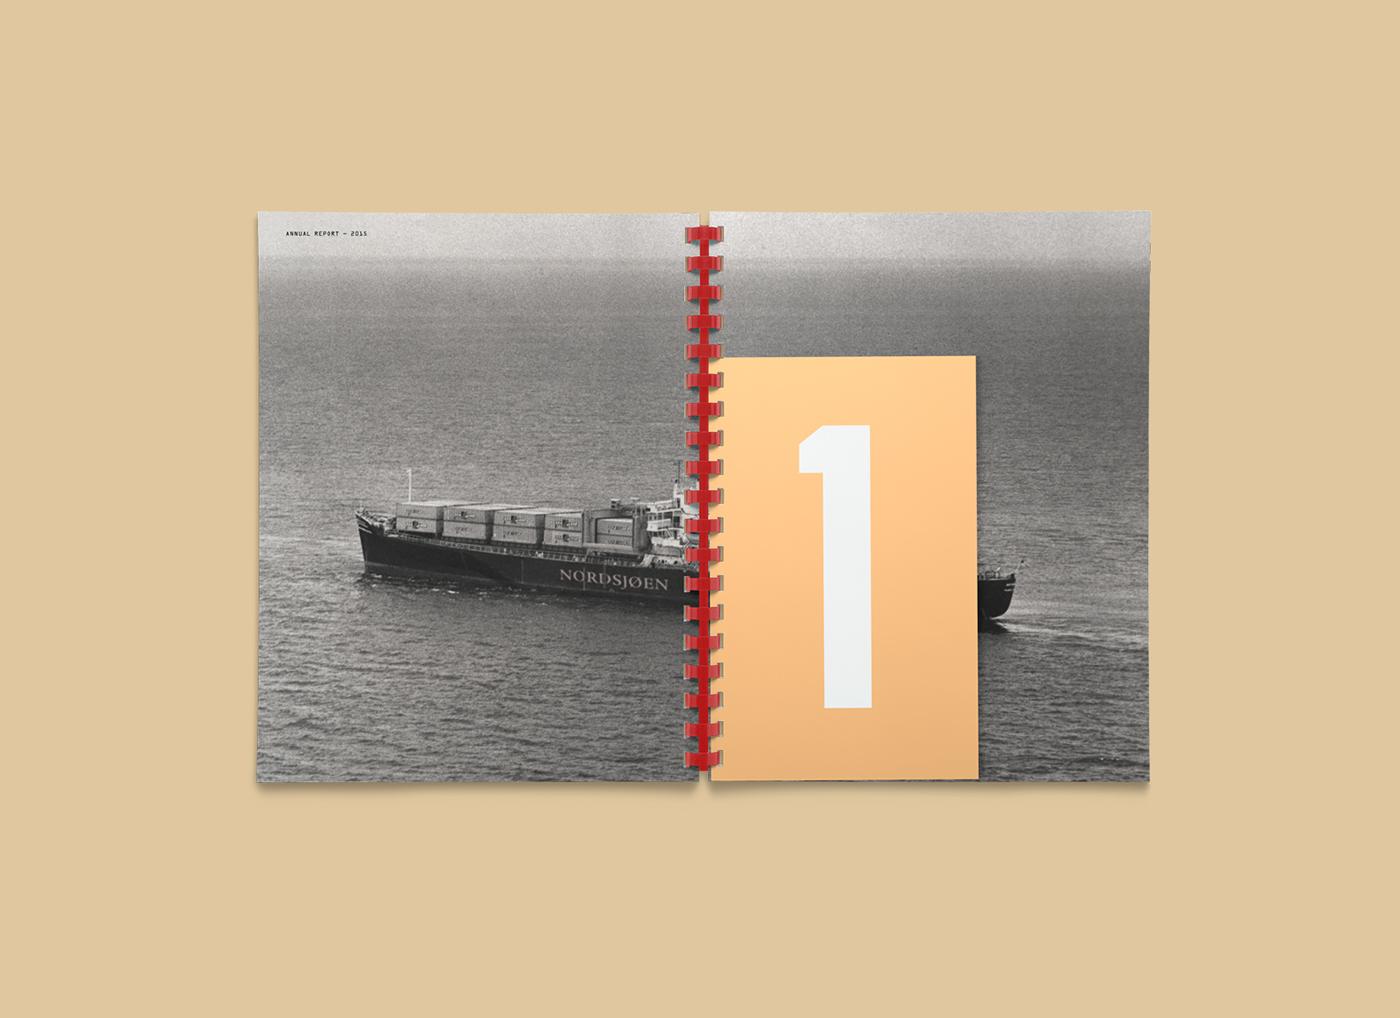 nordsjøen-annual-report--intent-award-for-print-design--honourable-mention--jesse-ellingson-04.jpg